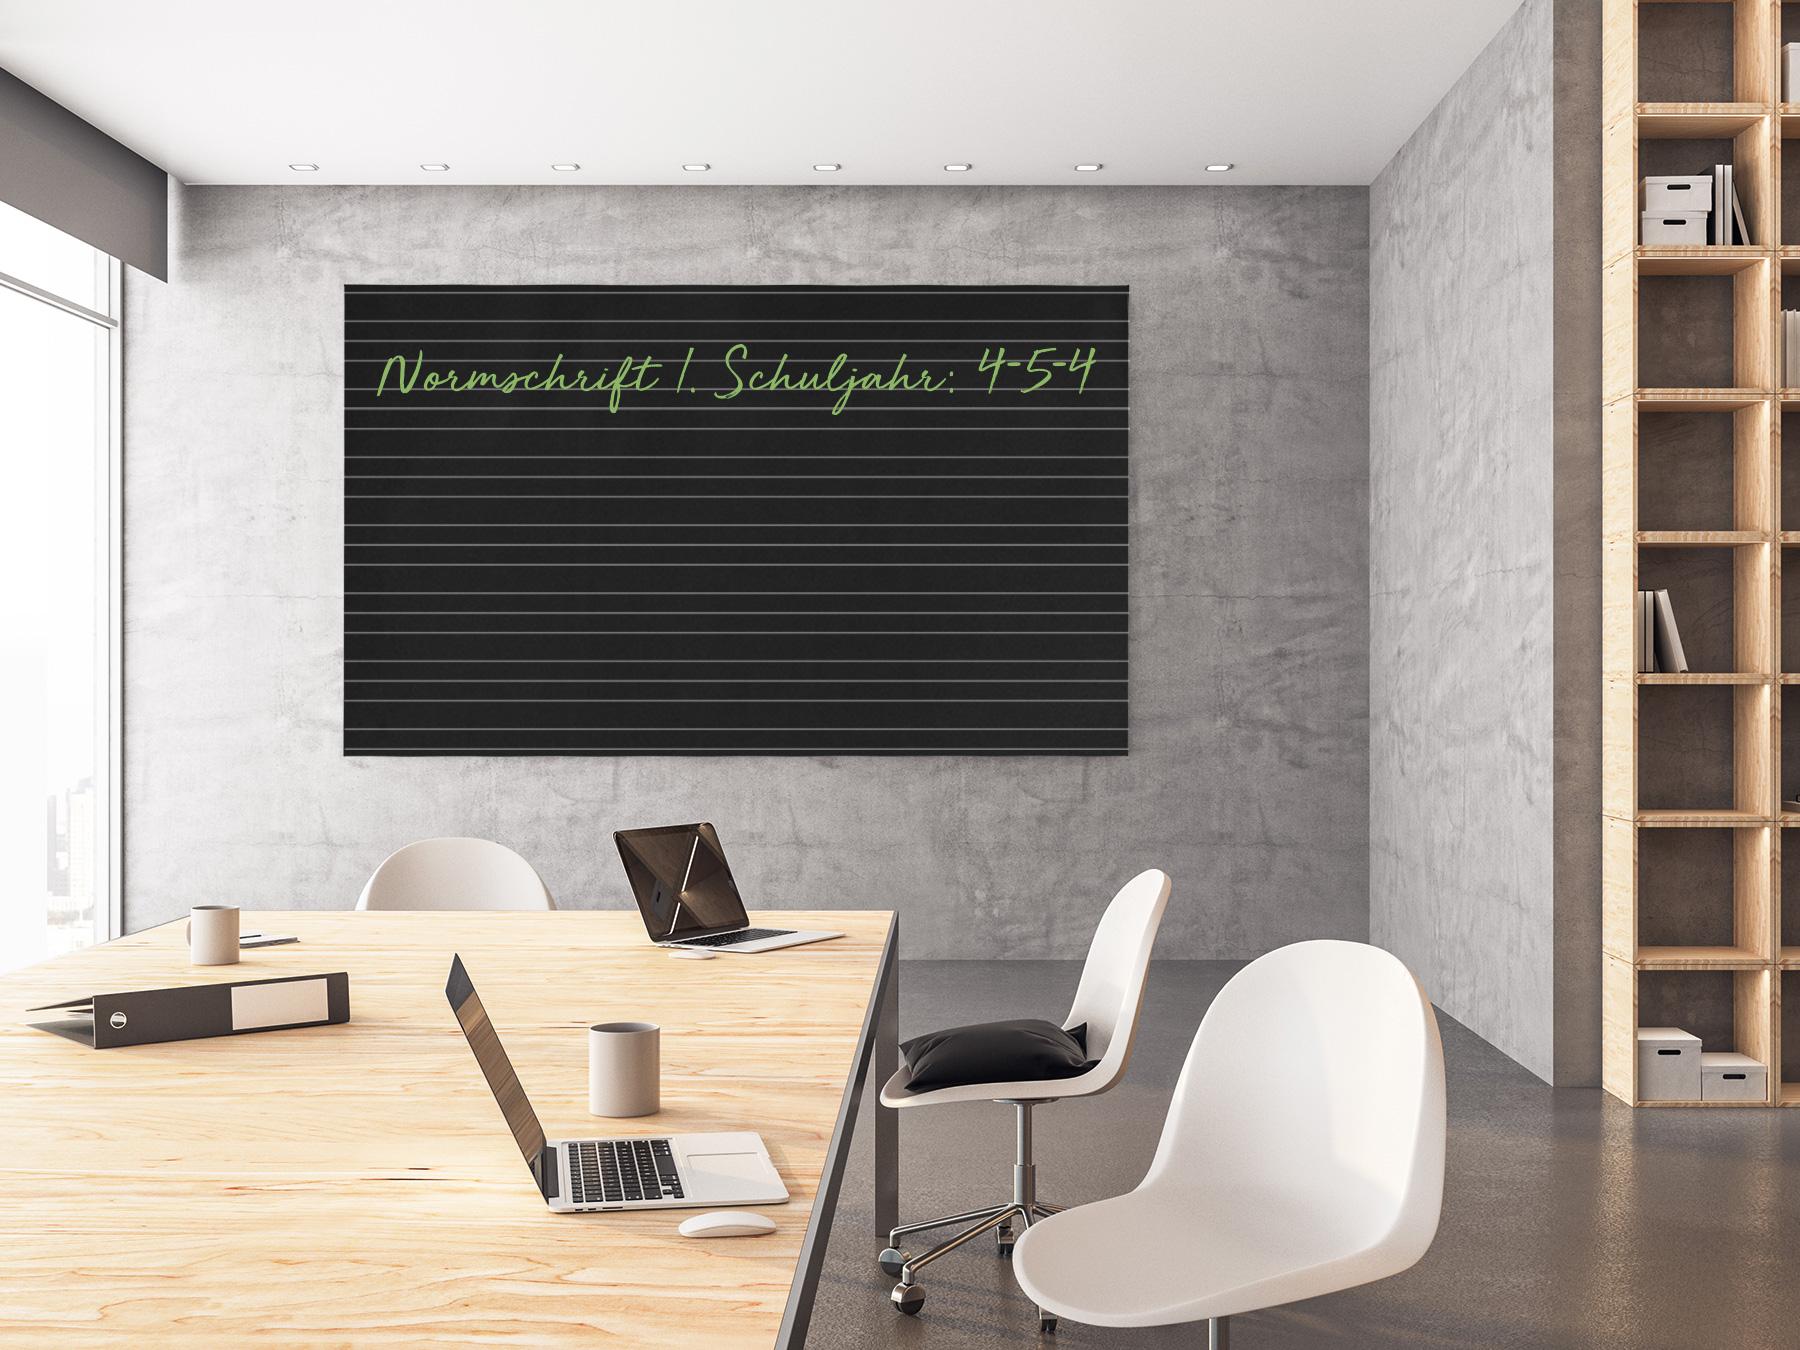 100x100cm   Schultafelfolie   Liniert    Normschrift 1. Schuljahr   selbstklebend    Kreide & Kreidestift   schwarz